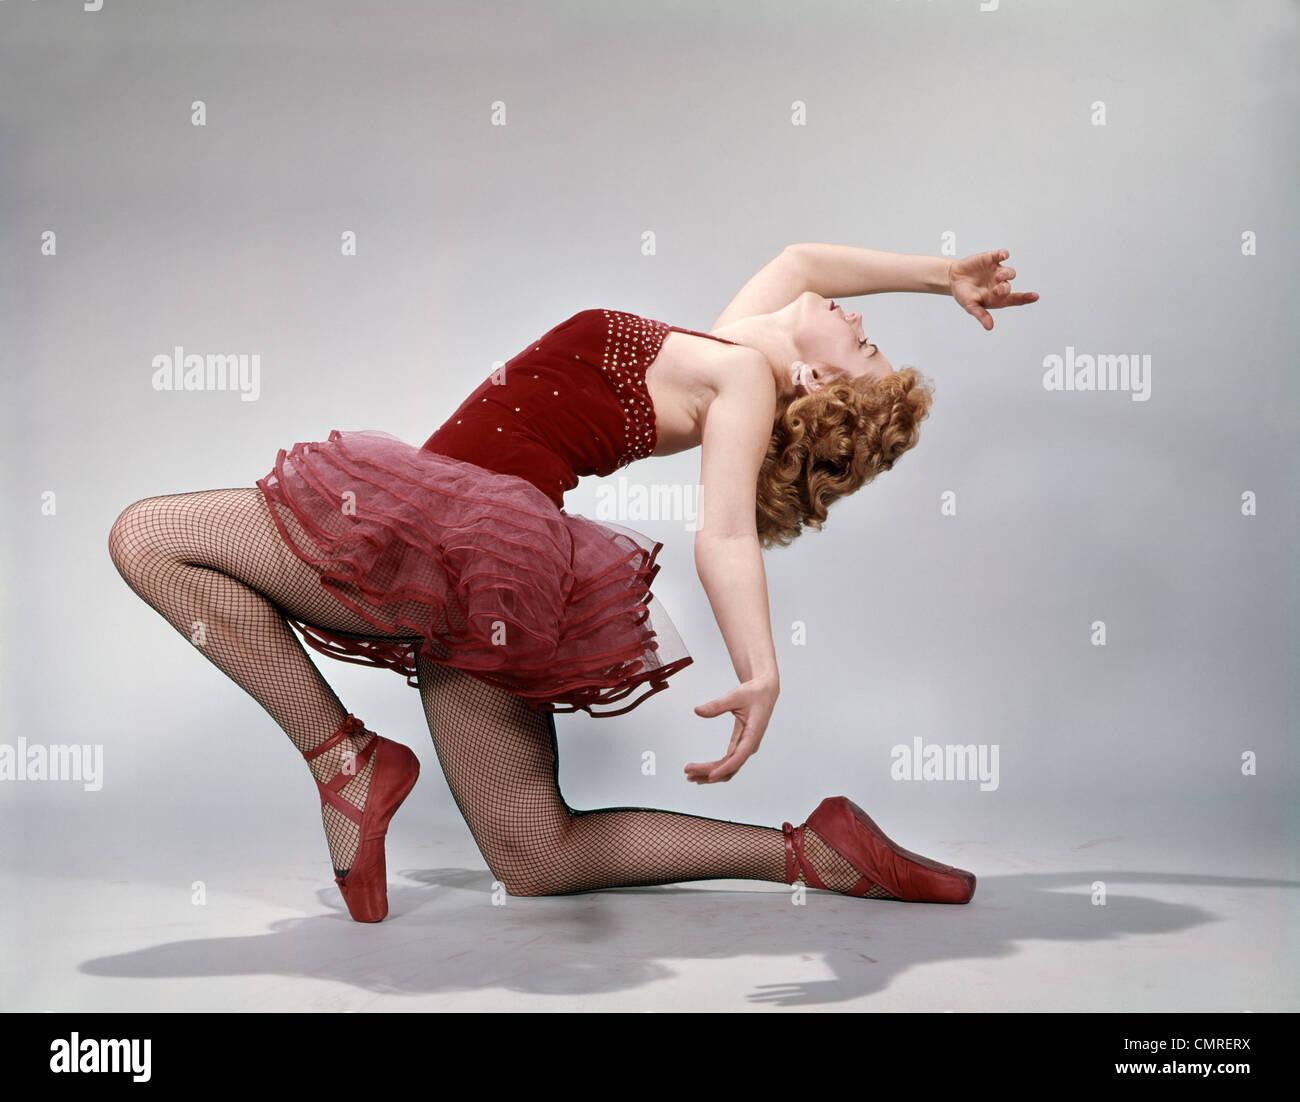 1960 JOVENCITA POSICIÓN relajante traje de terciopelo rojo rosa NET TUTU BALLET ACTITUD Imagen De Stock